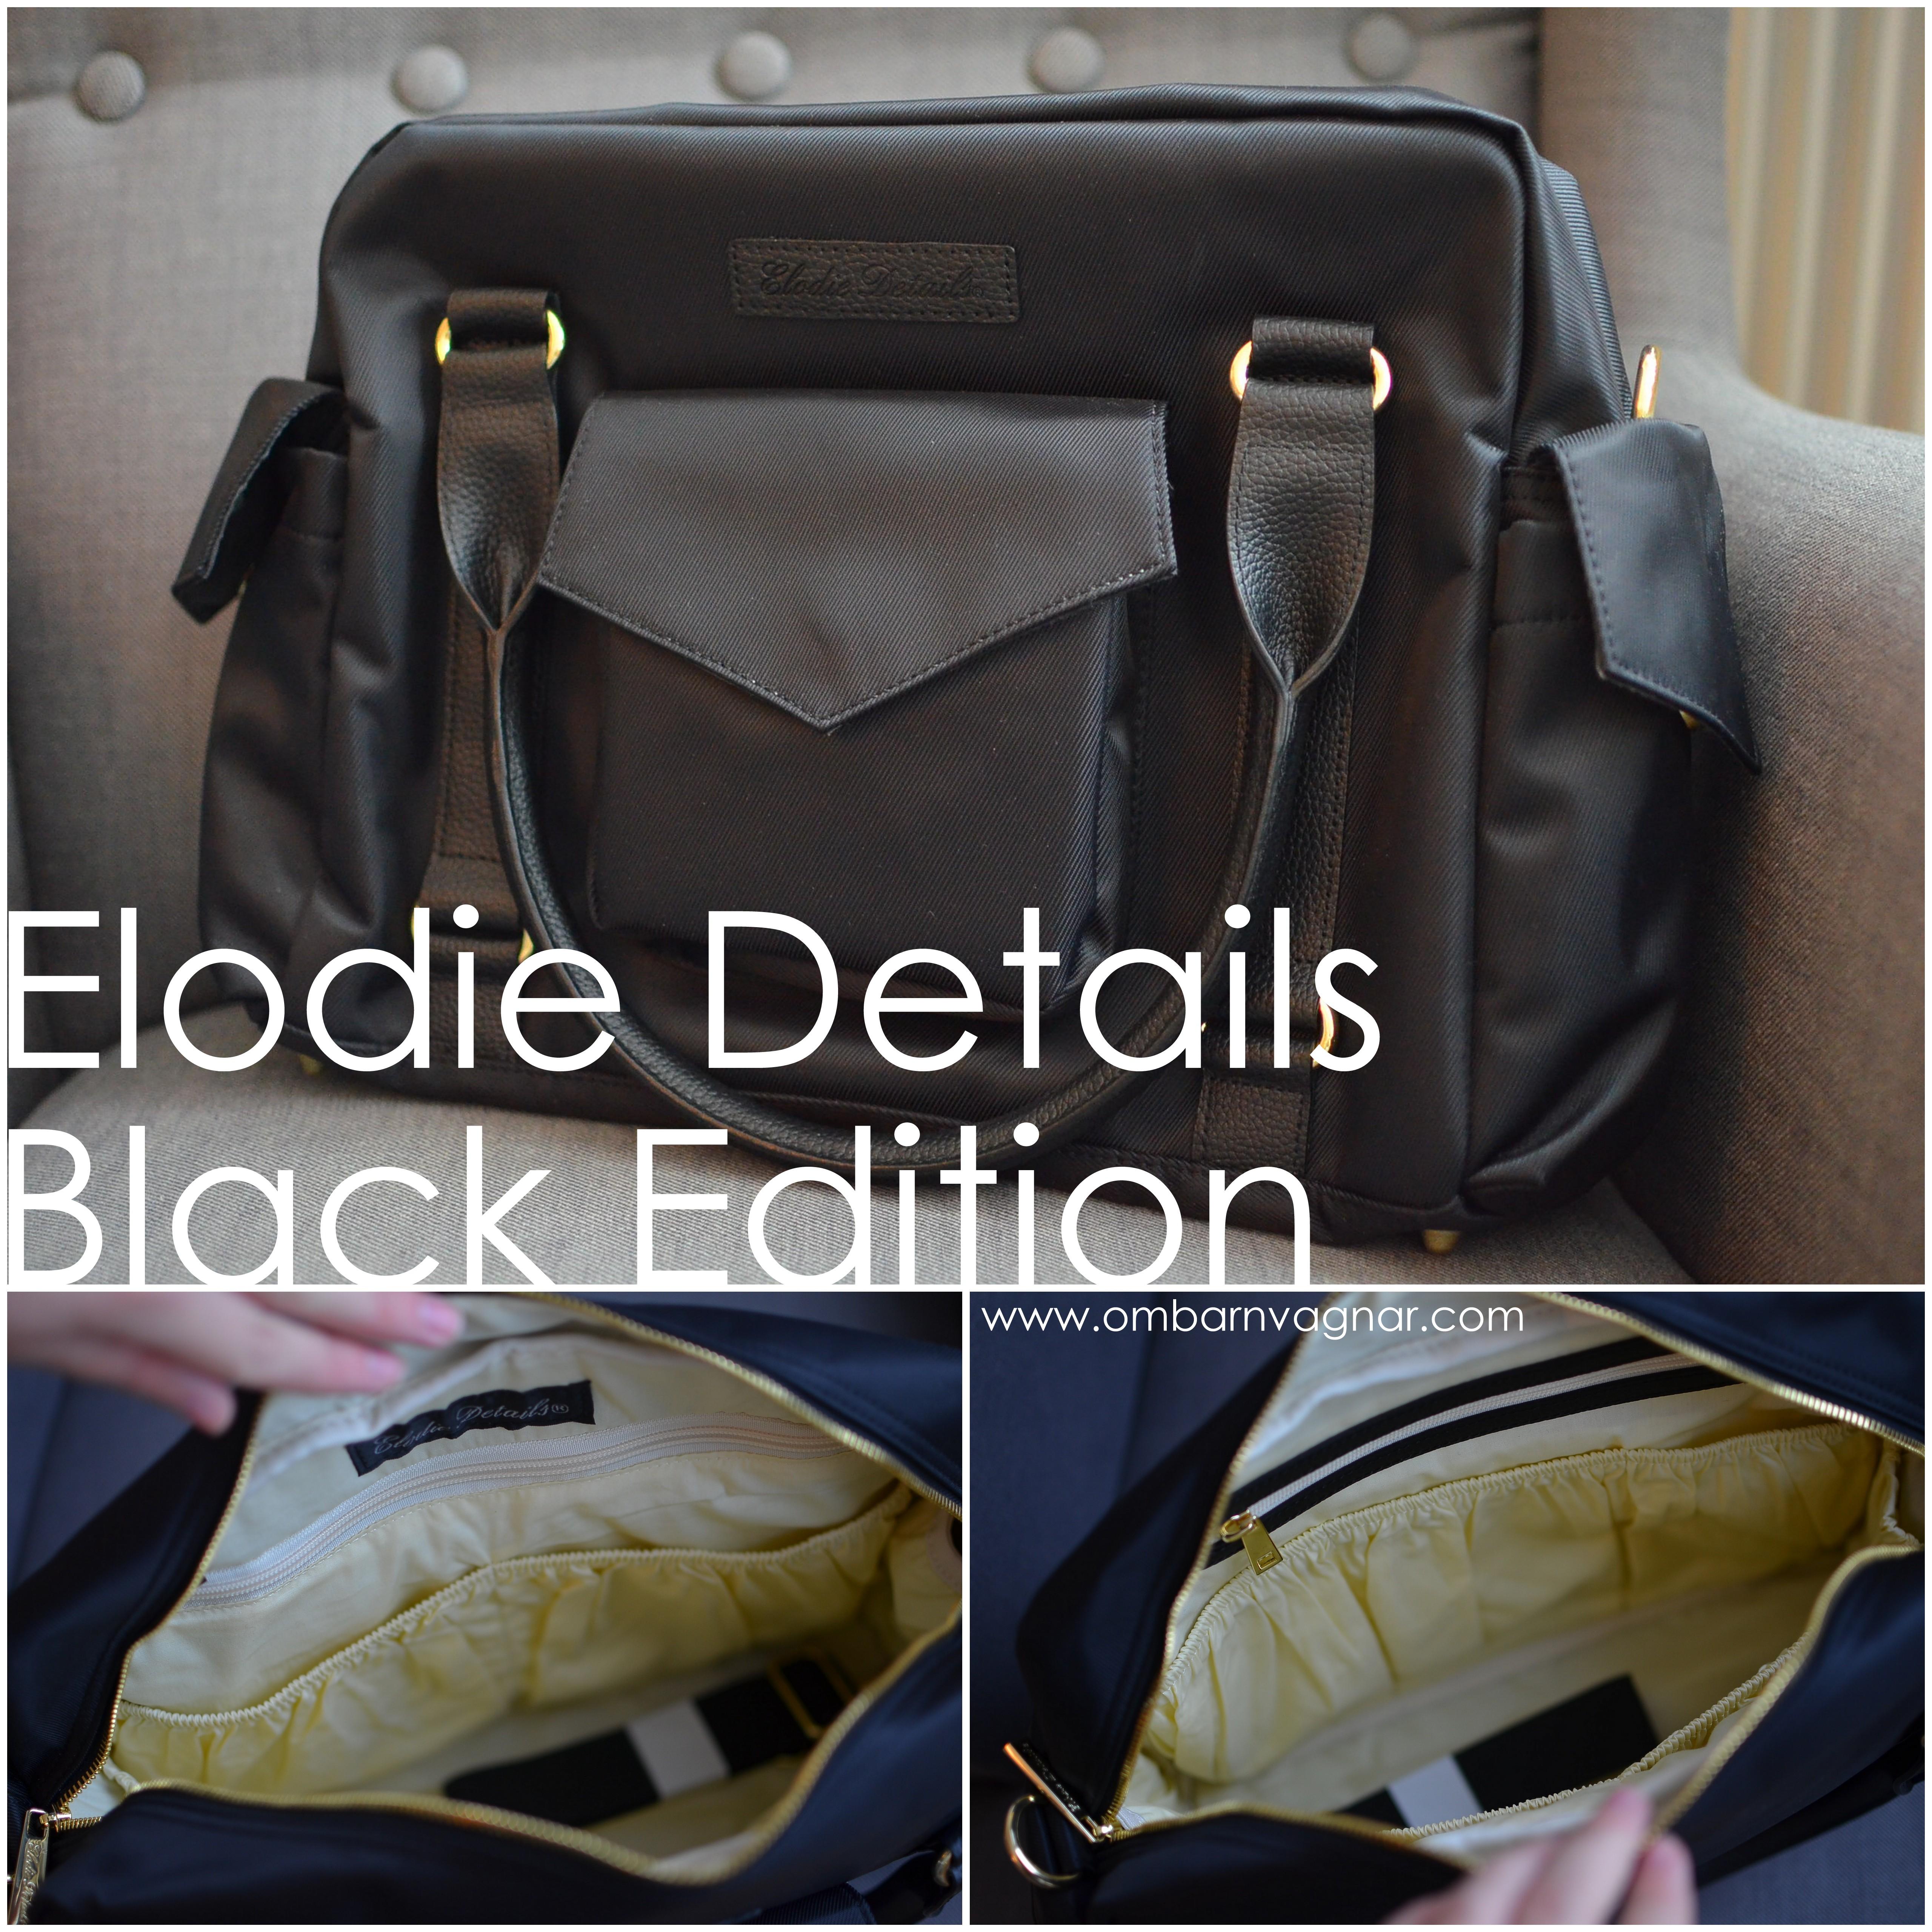 Elodie Details Black Edition skötväska med många fack